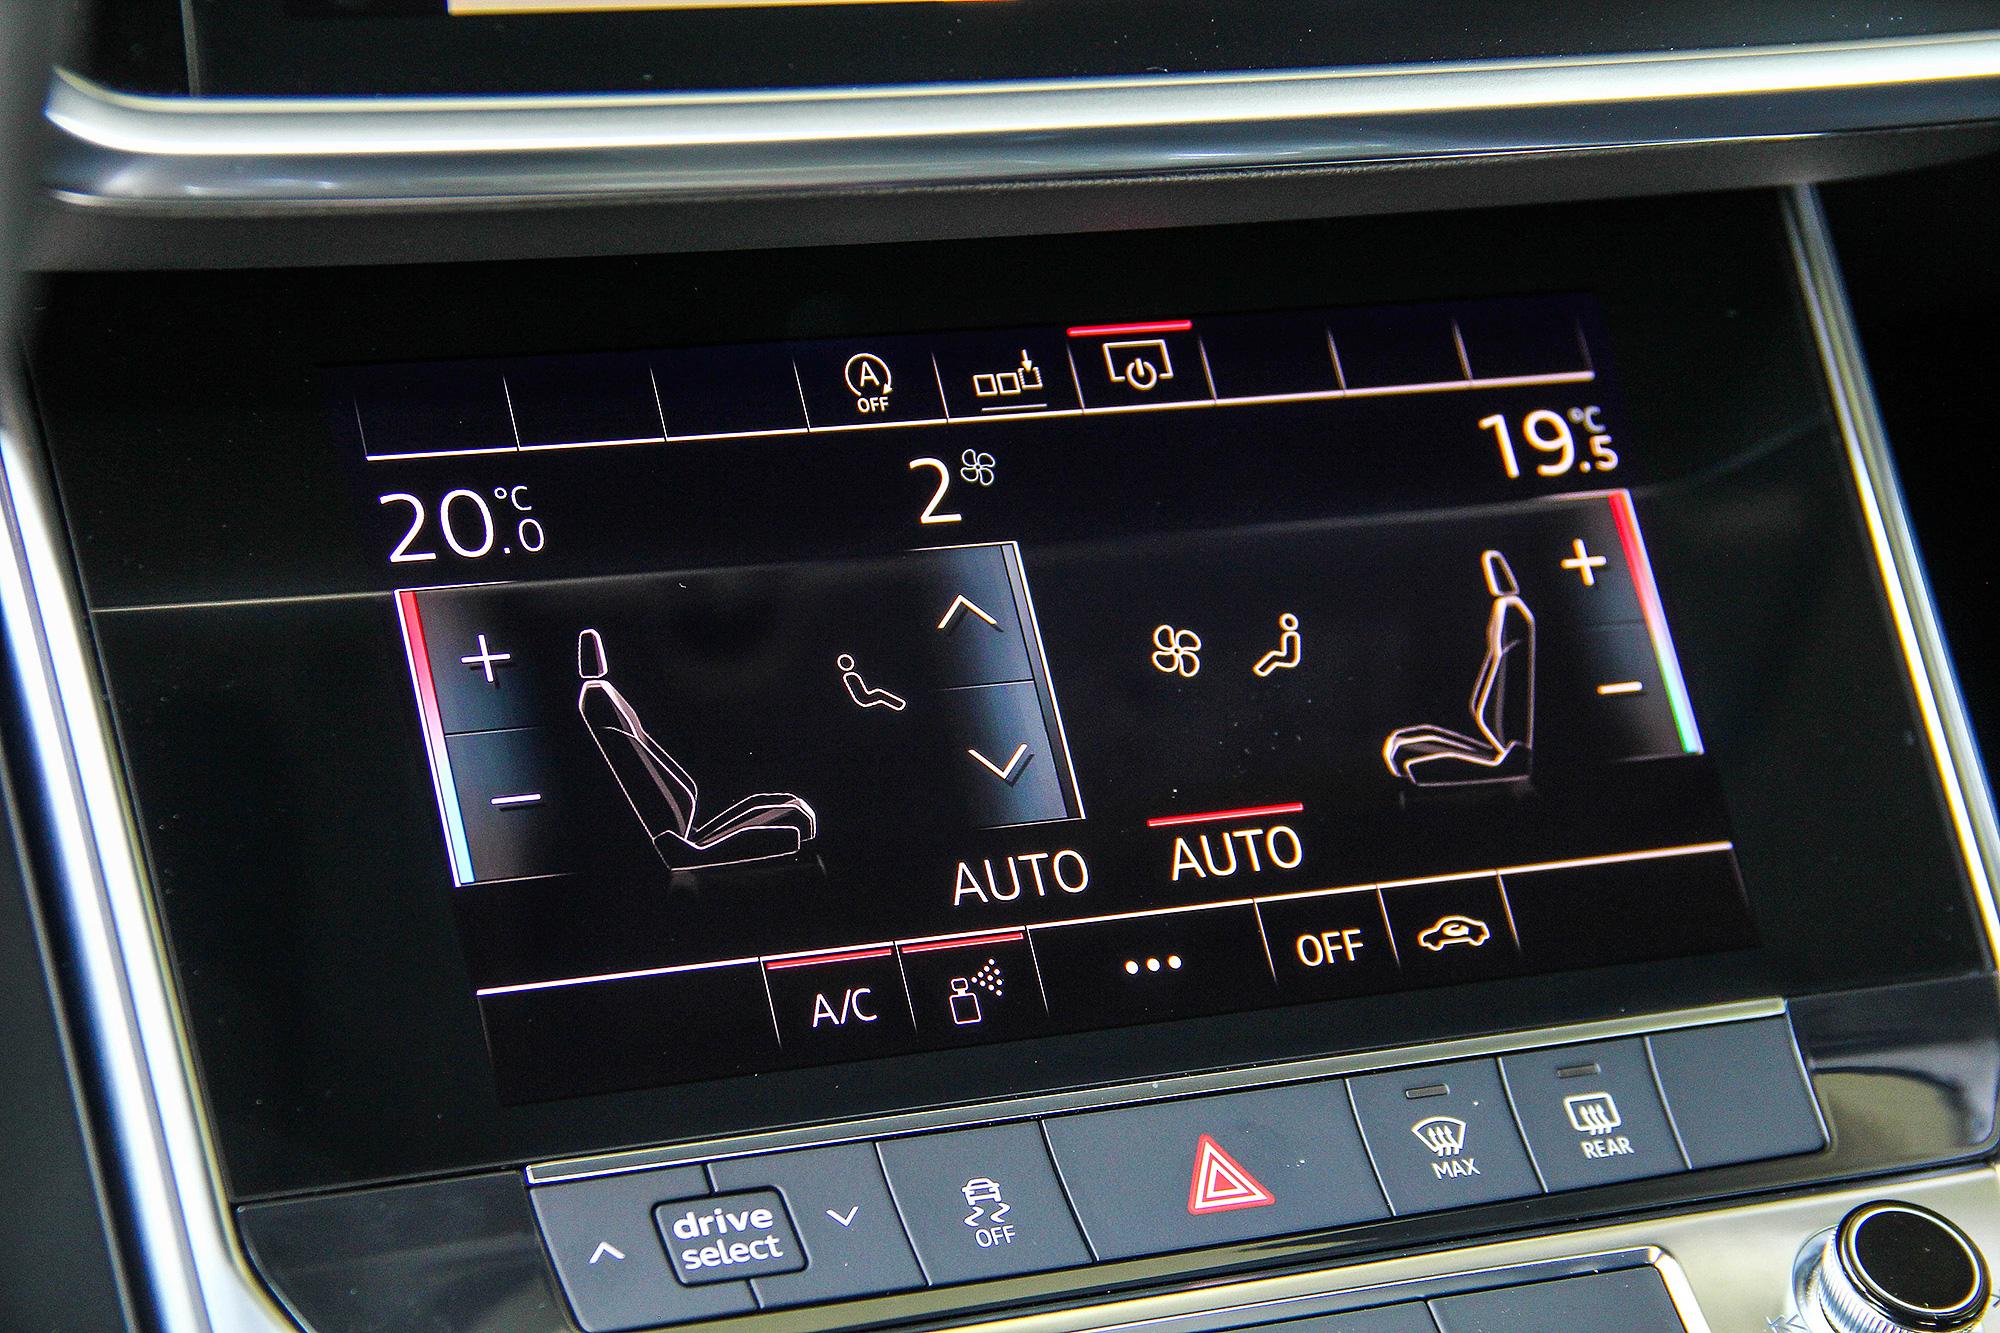 下方的螢幕預設主要負責空調系統的操作,也可自訂標籤,將常用功能移往下方。